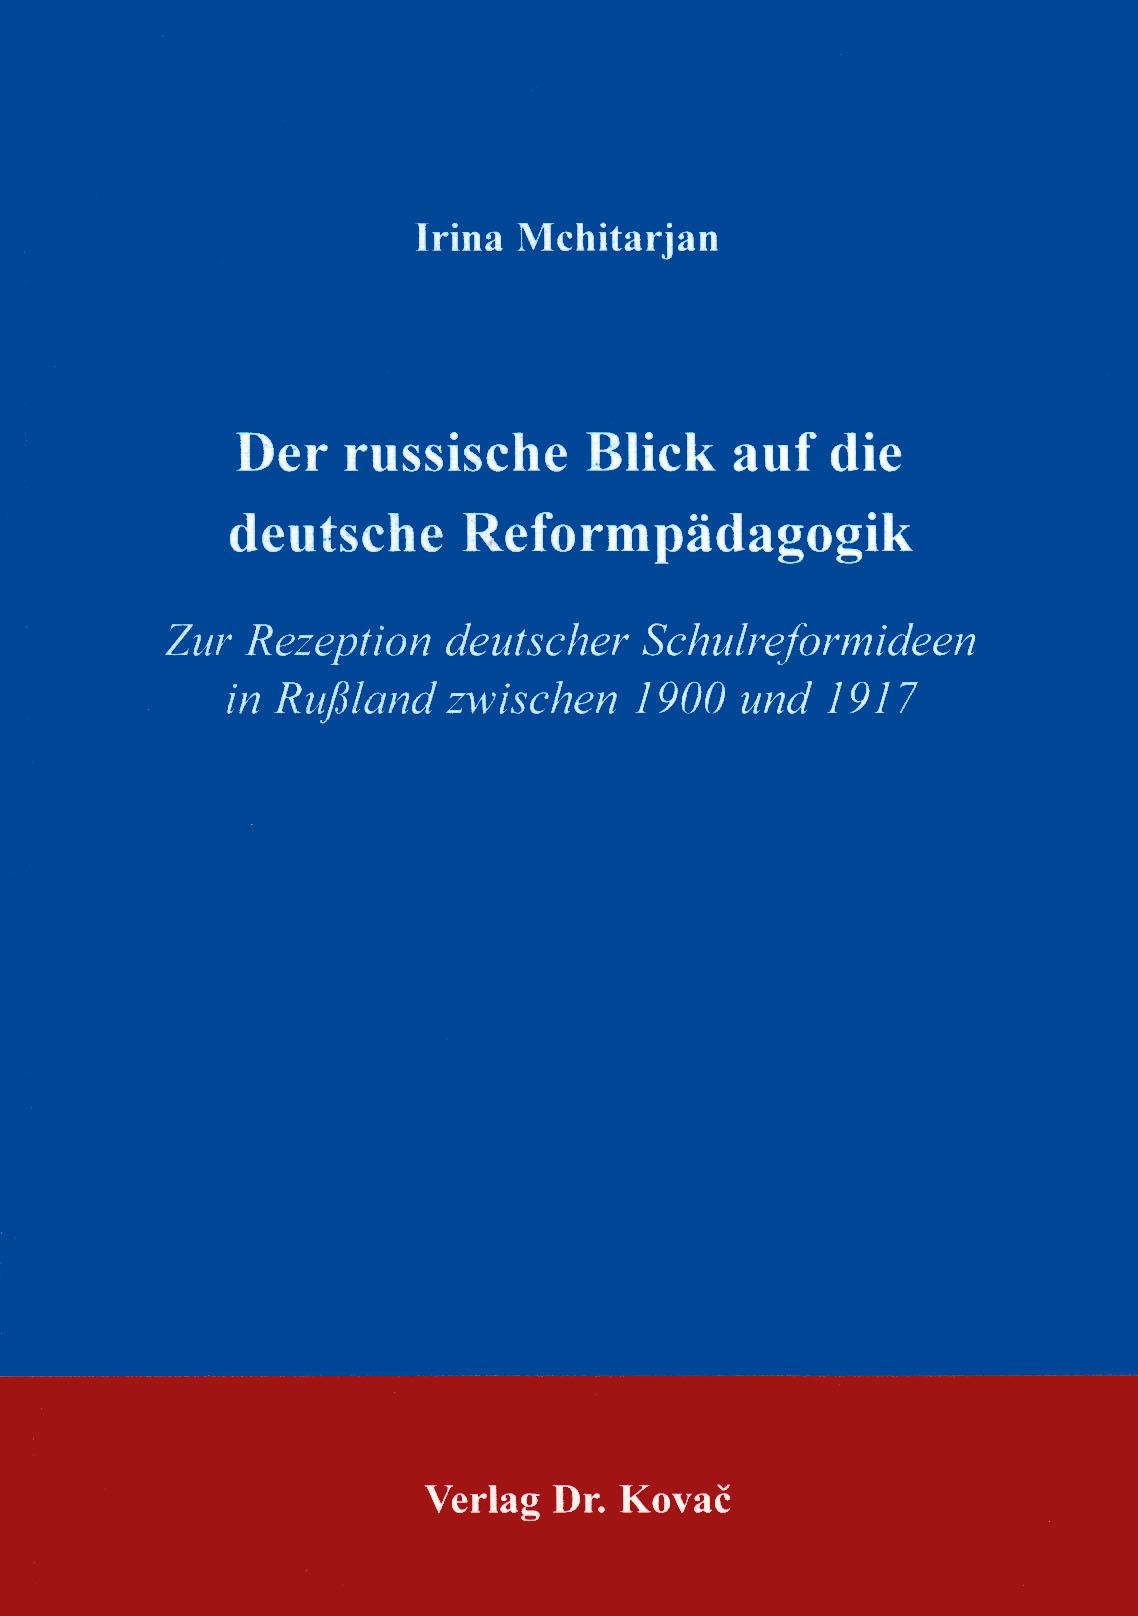 Cover: Der russische Blick auf die deutsche Reformpädagogik